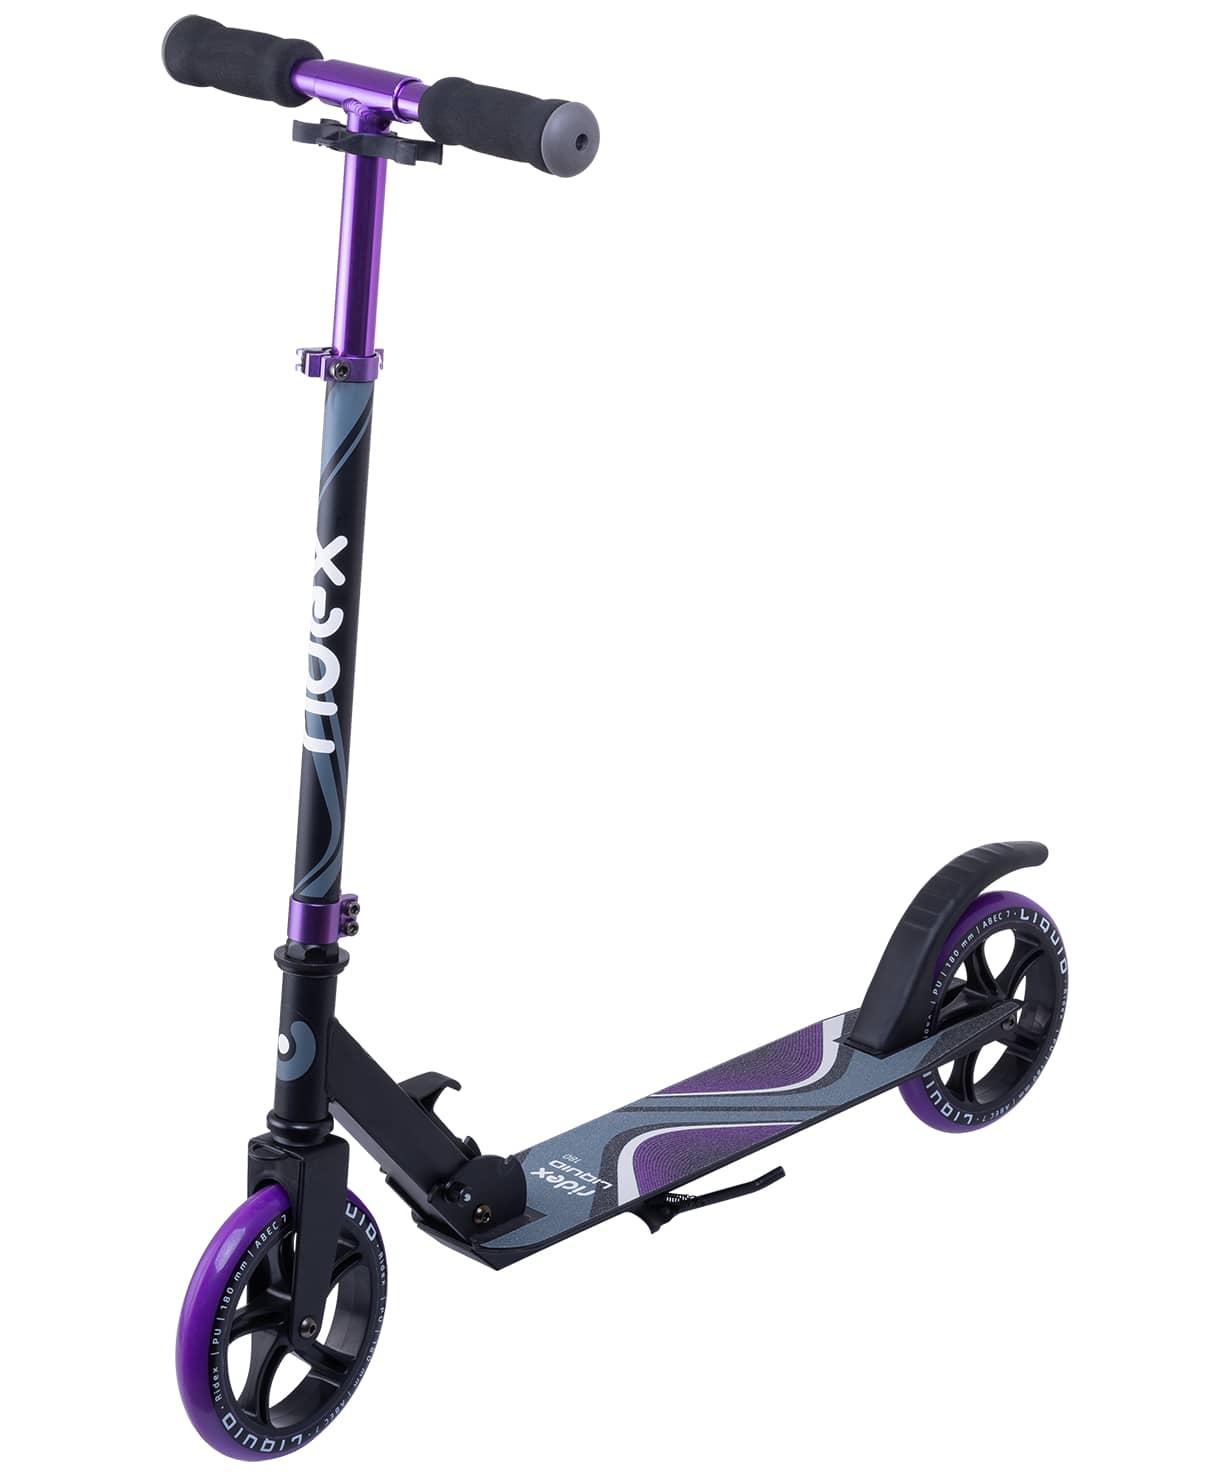 Купить Самокат 2-колесный Ridex Liquid d180 мм, черныйфиолетовый,